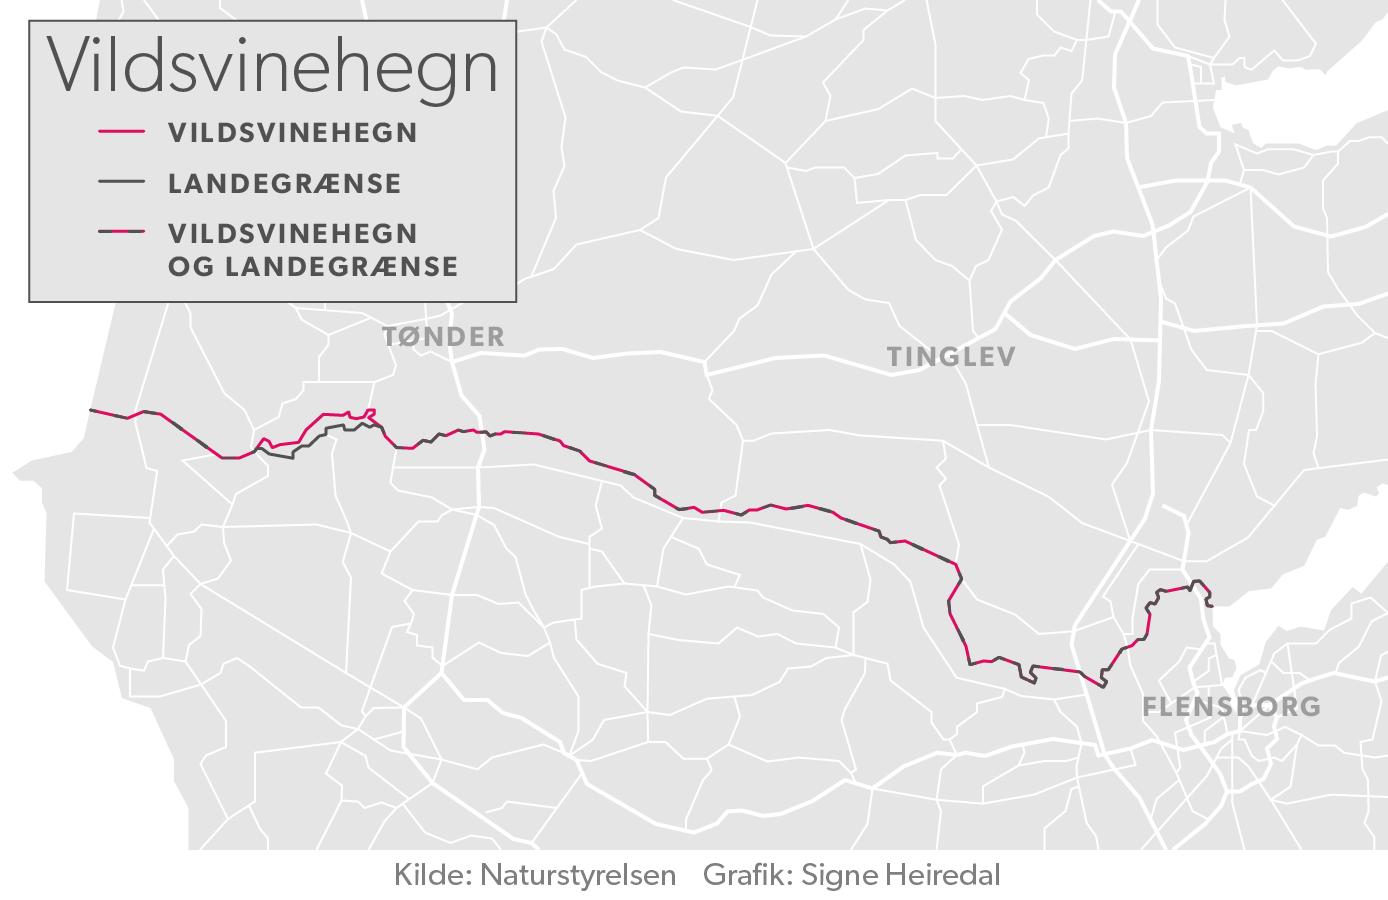 덴마크-독일 국경을 따라 '야생 멧돼지 울타리'가 설치될 모습 ('DR' 재인용)